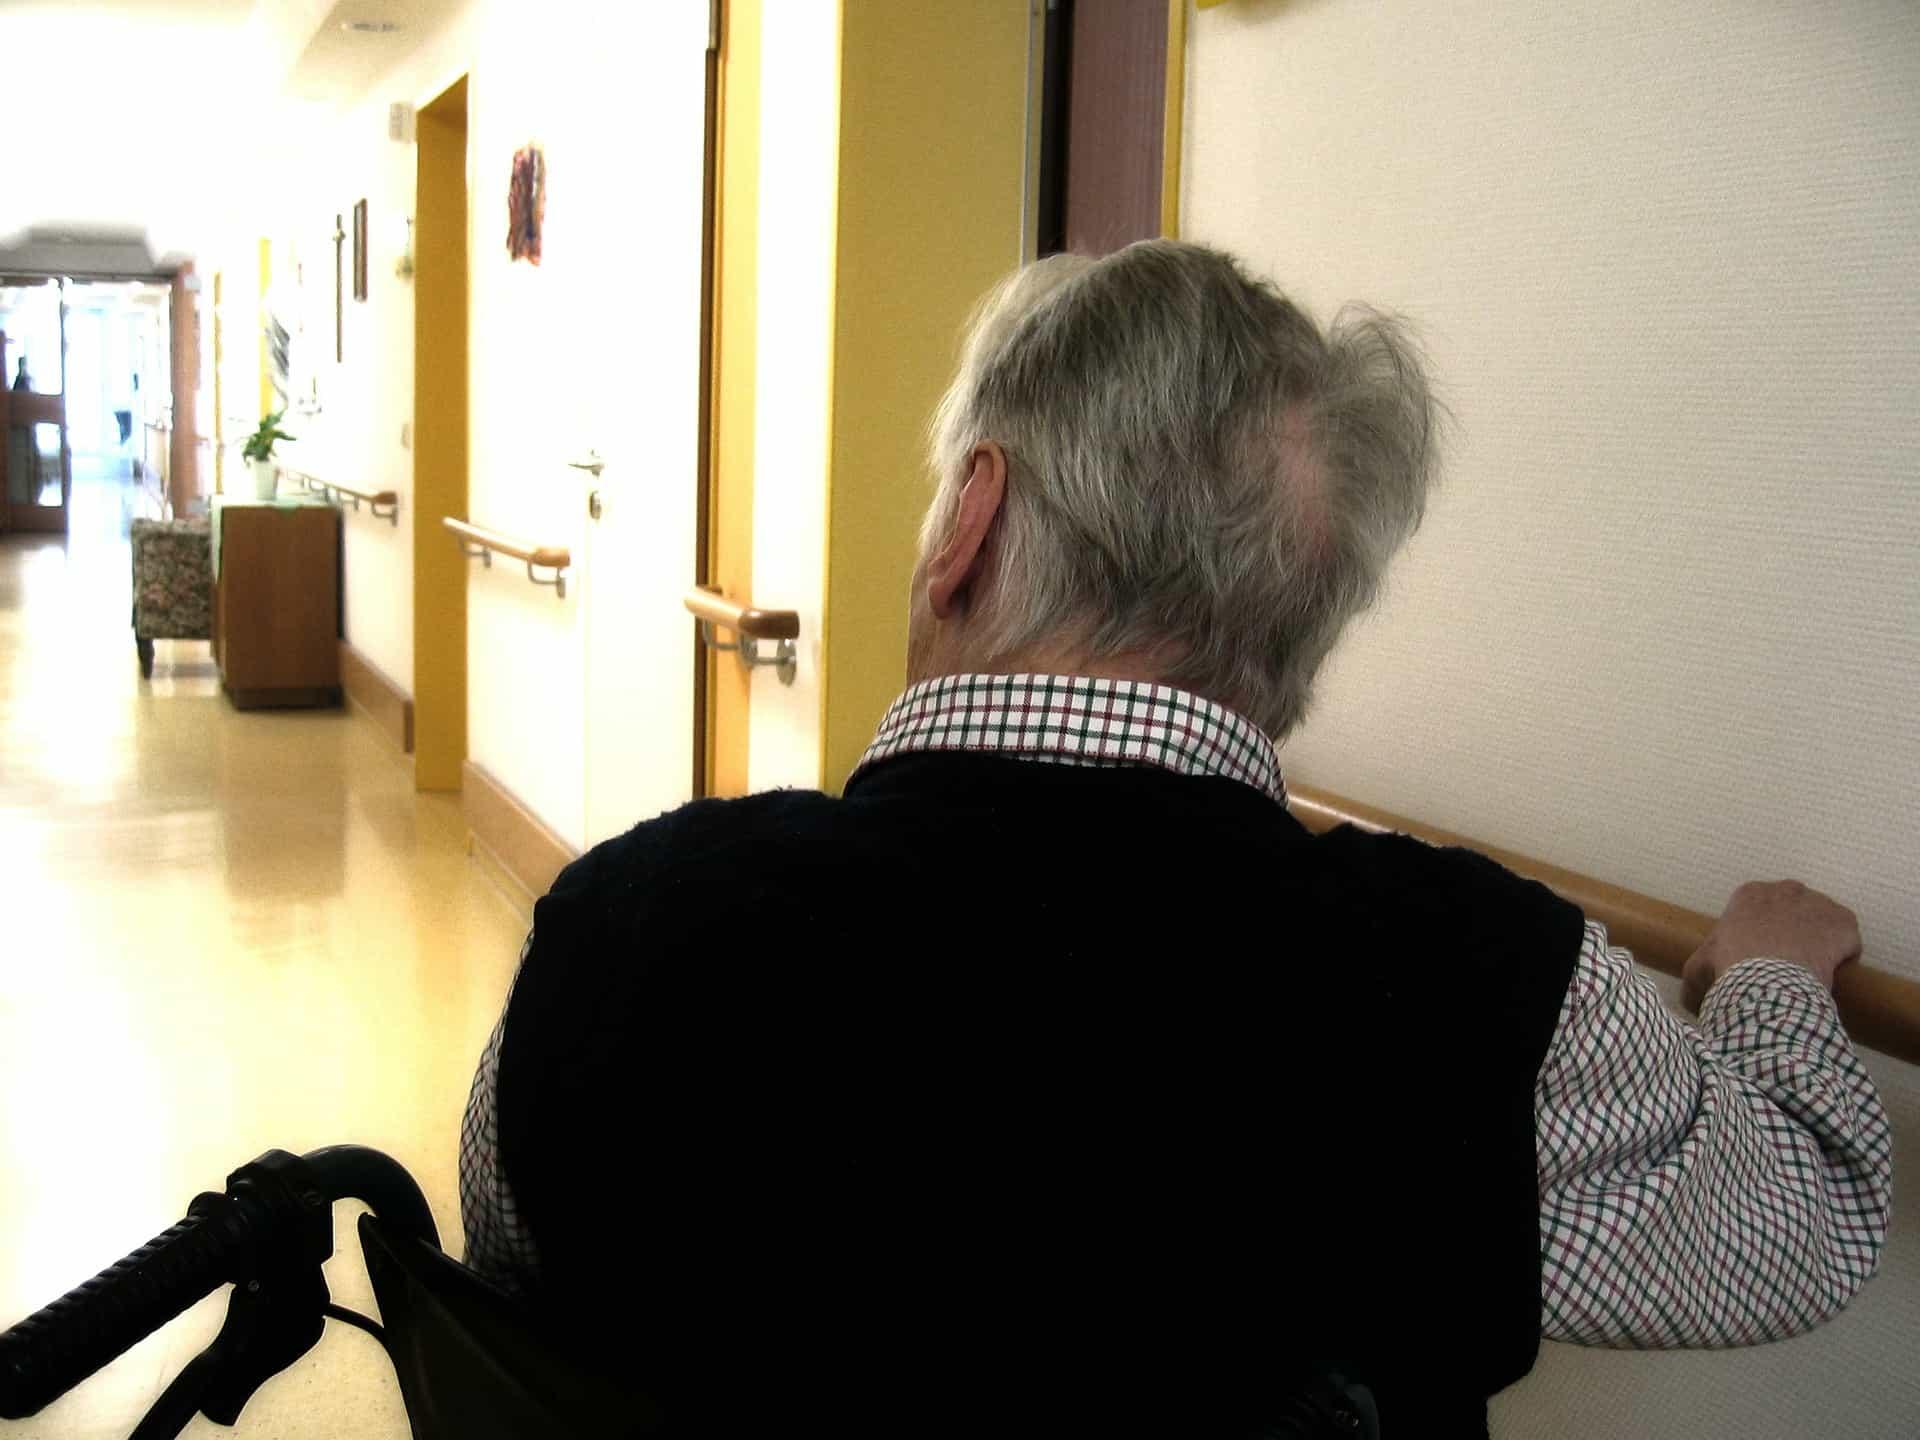 מוסדות האשפוז בישראל לא מתאימים לטיפול ממושך בחולים סיעודיים, צילום אילוסטרציה